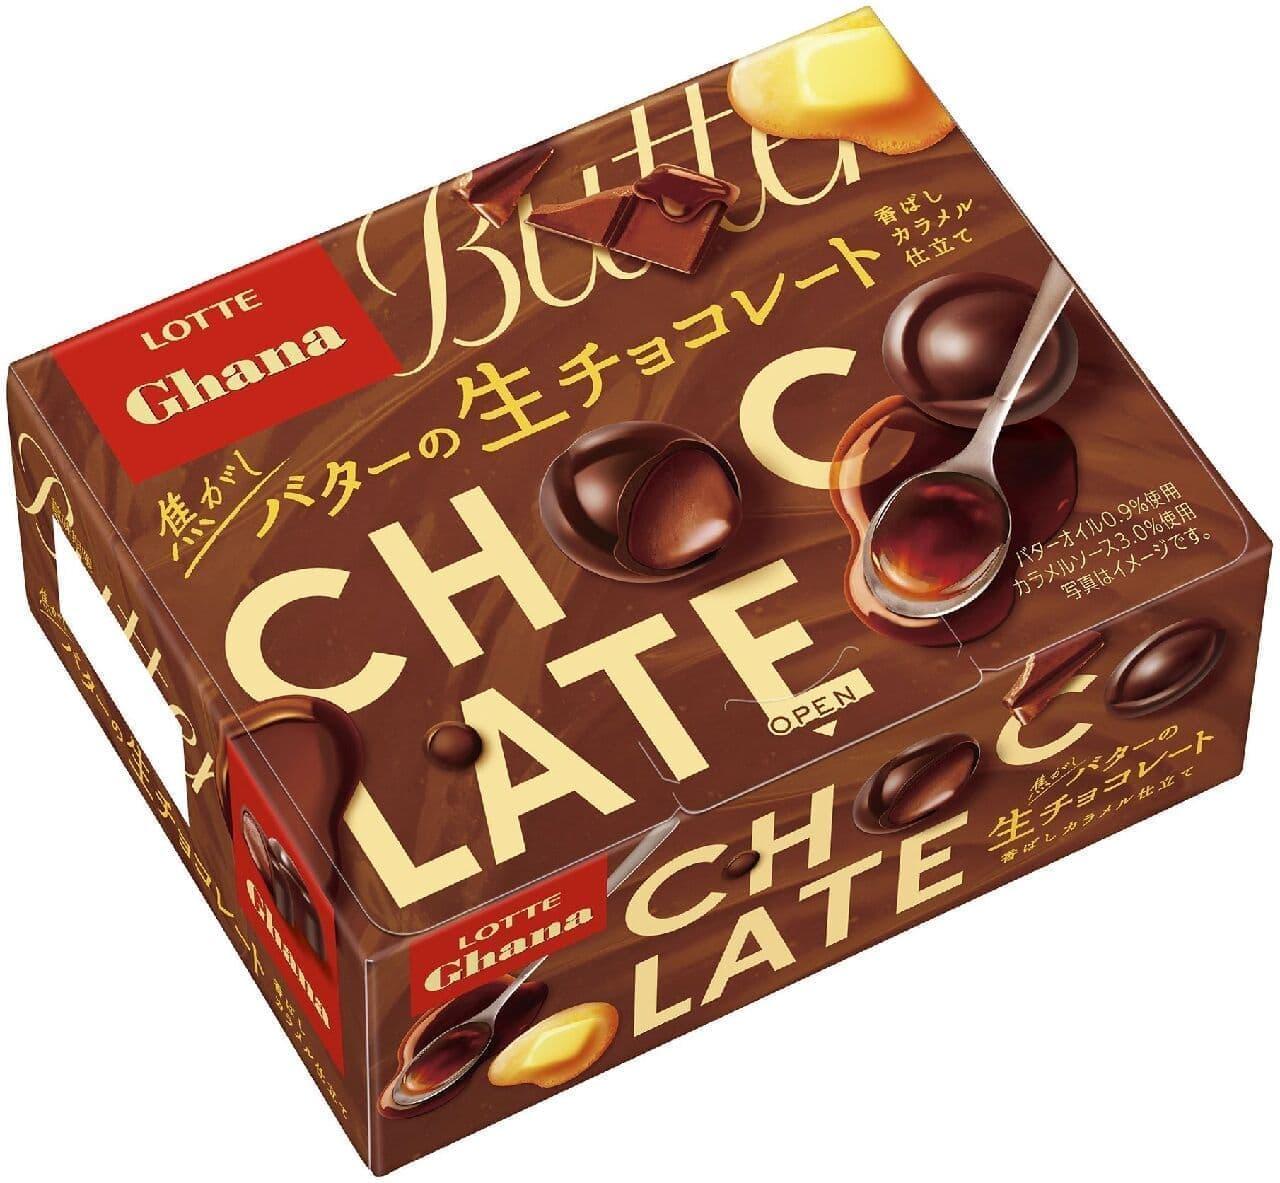 ロッテ「ガーナ<焦がしバターの生チョコレート>」